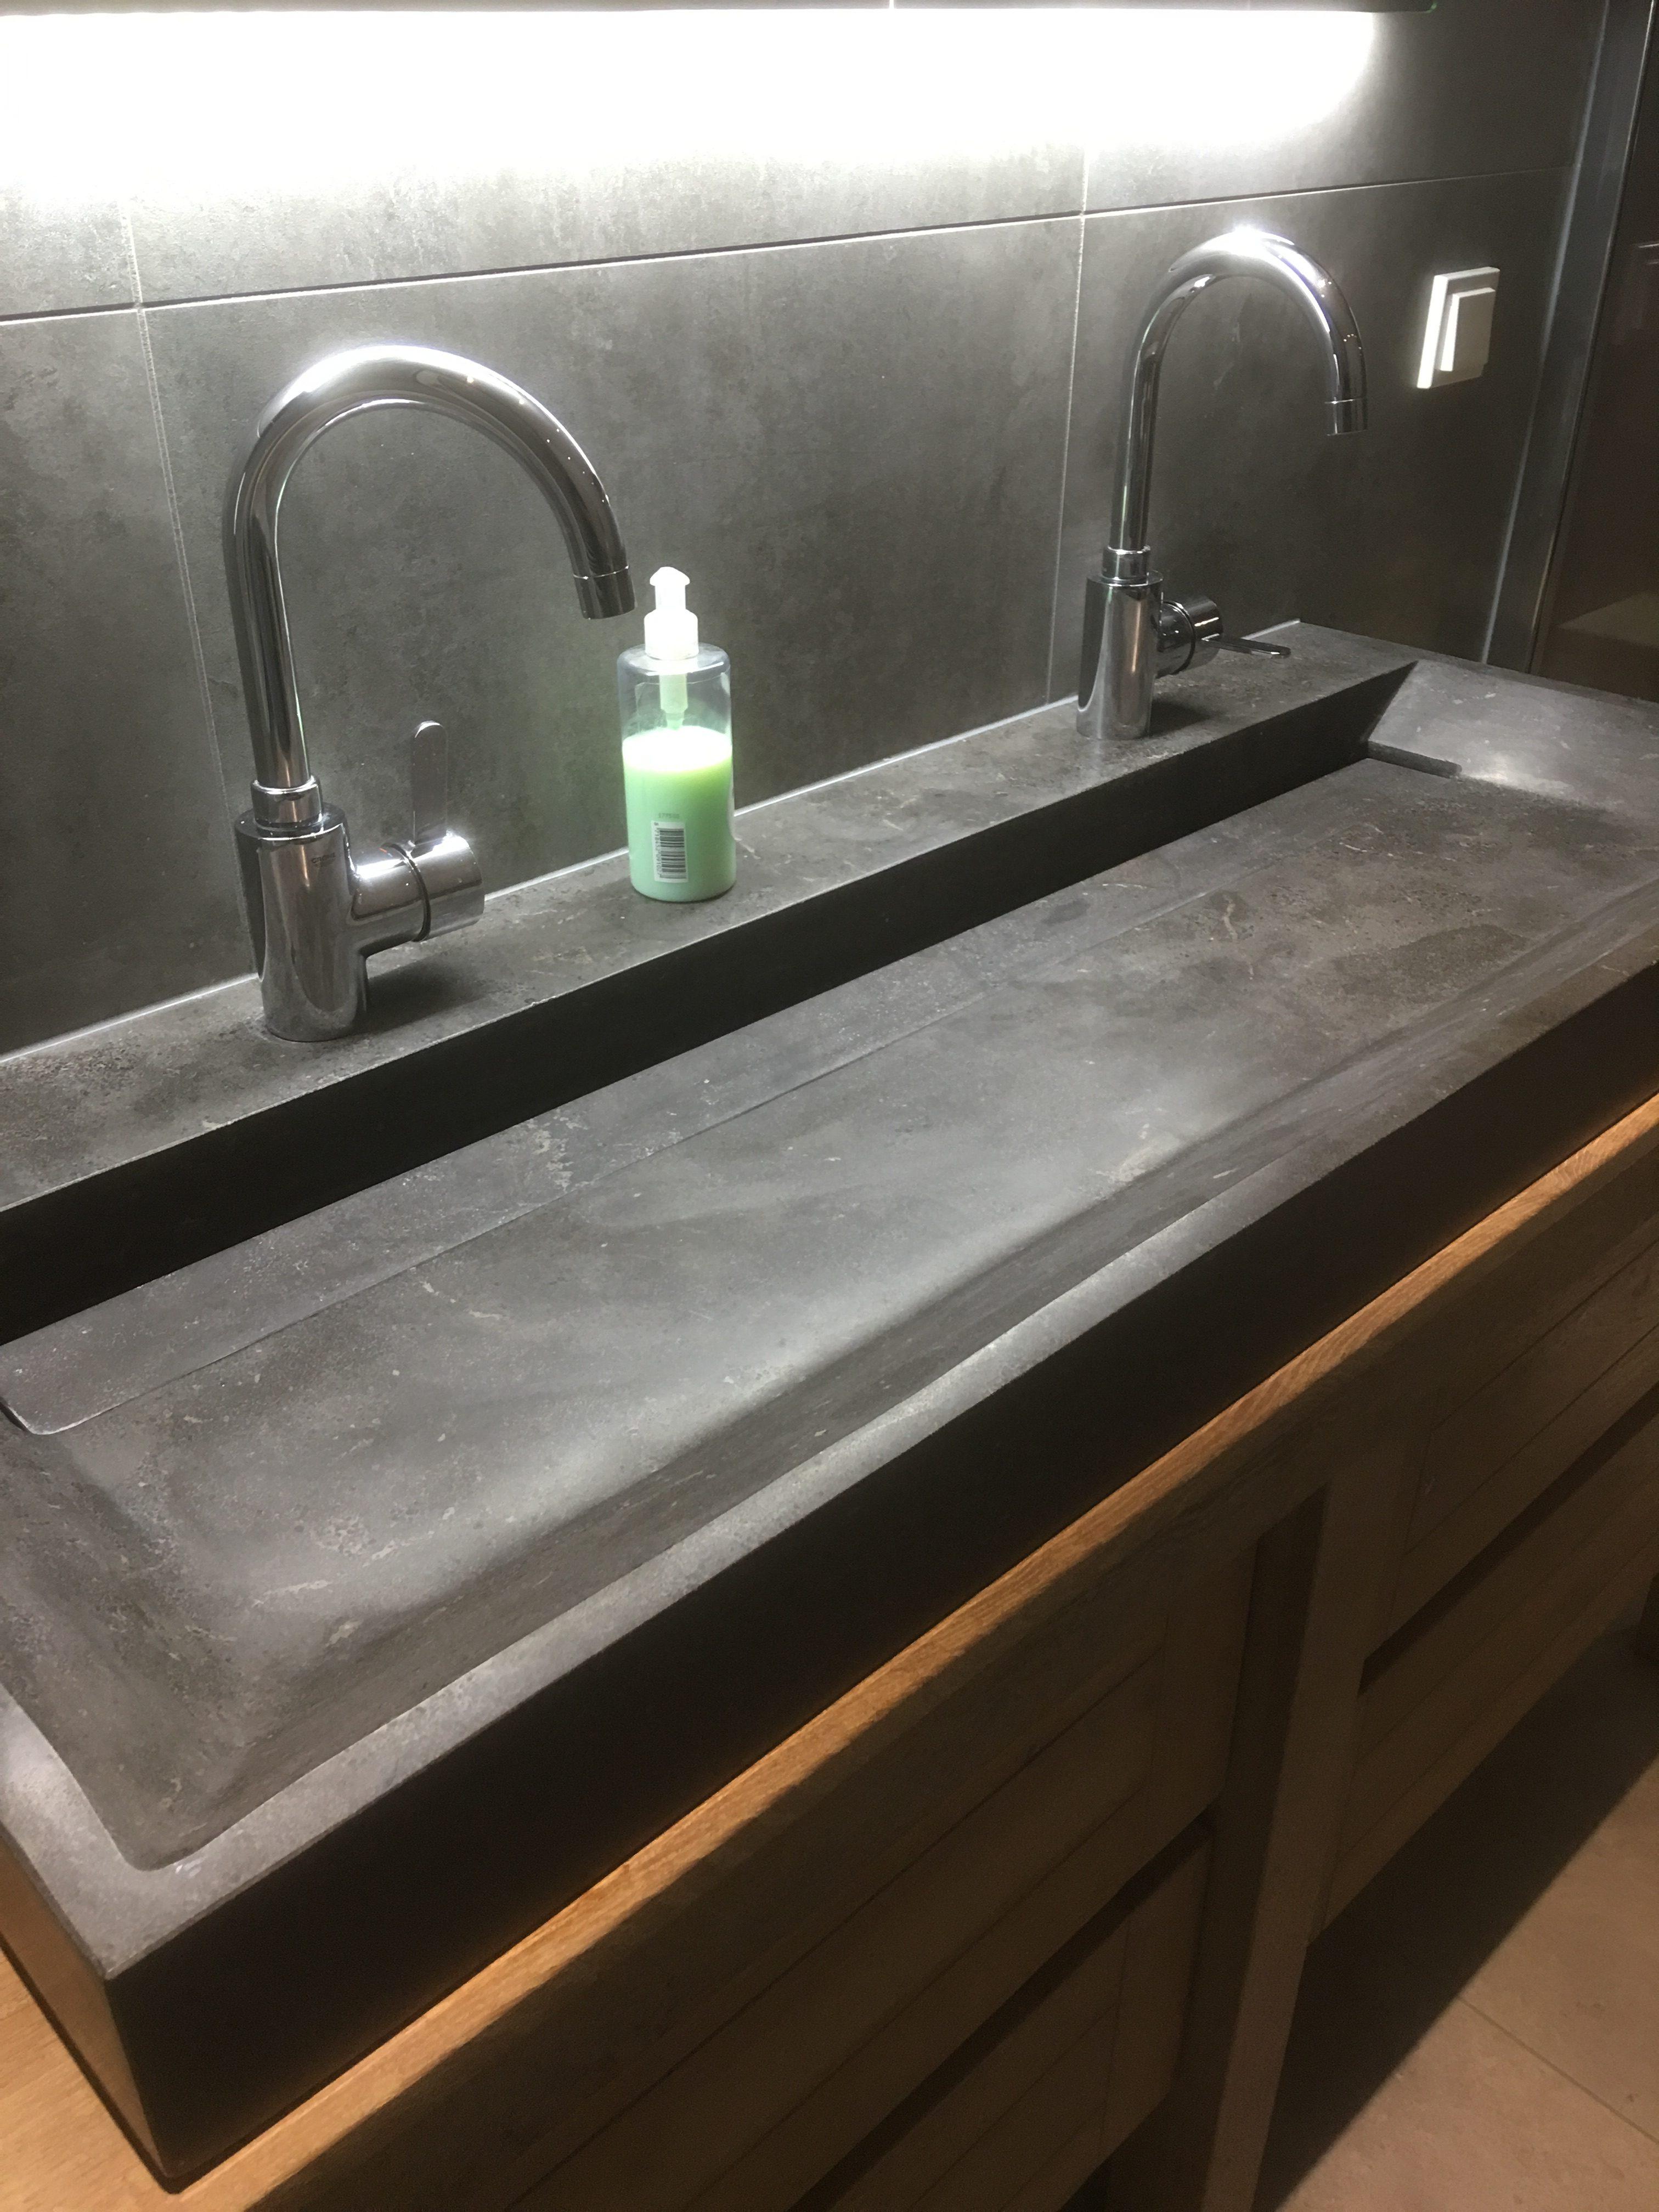 badkamer veenendaal wiesenekker badkamerconcepten